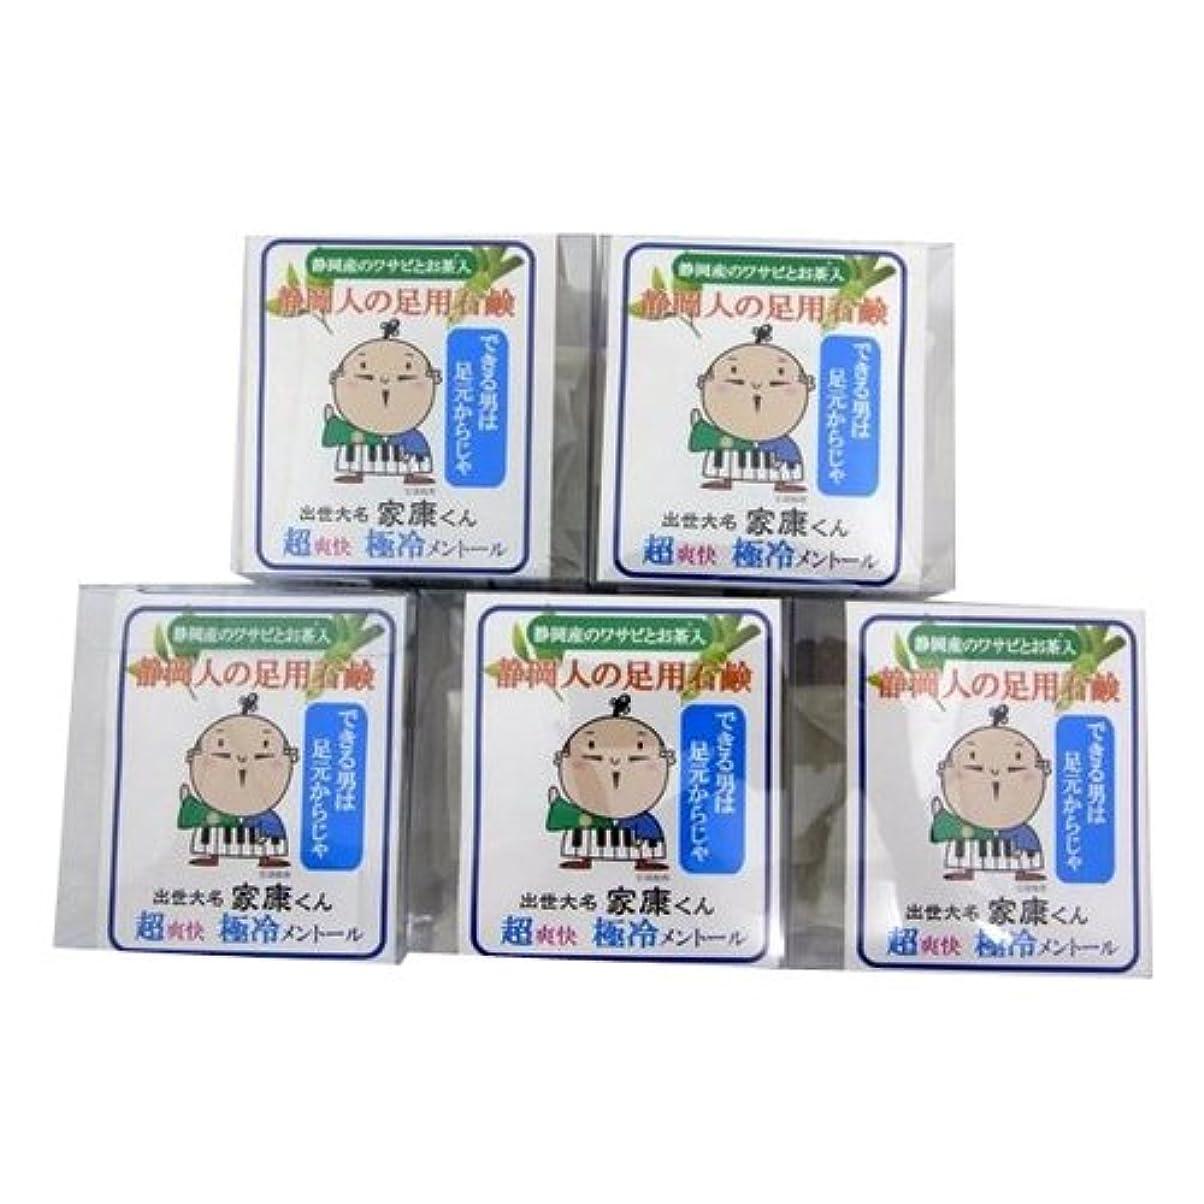 クリーナー調和のとれた持っているエコライフラボ 静岡人の足用石鹸60g (ネット付) 5個セット